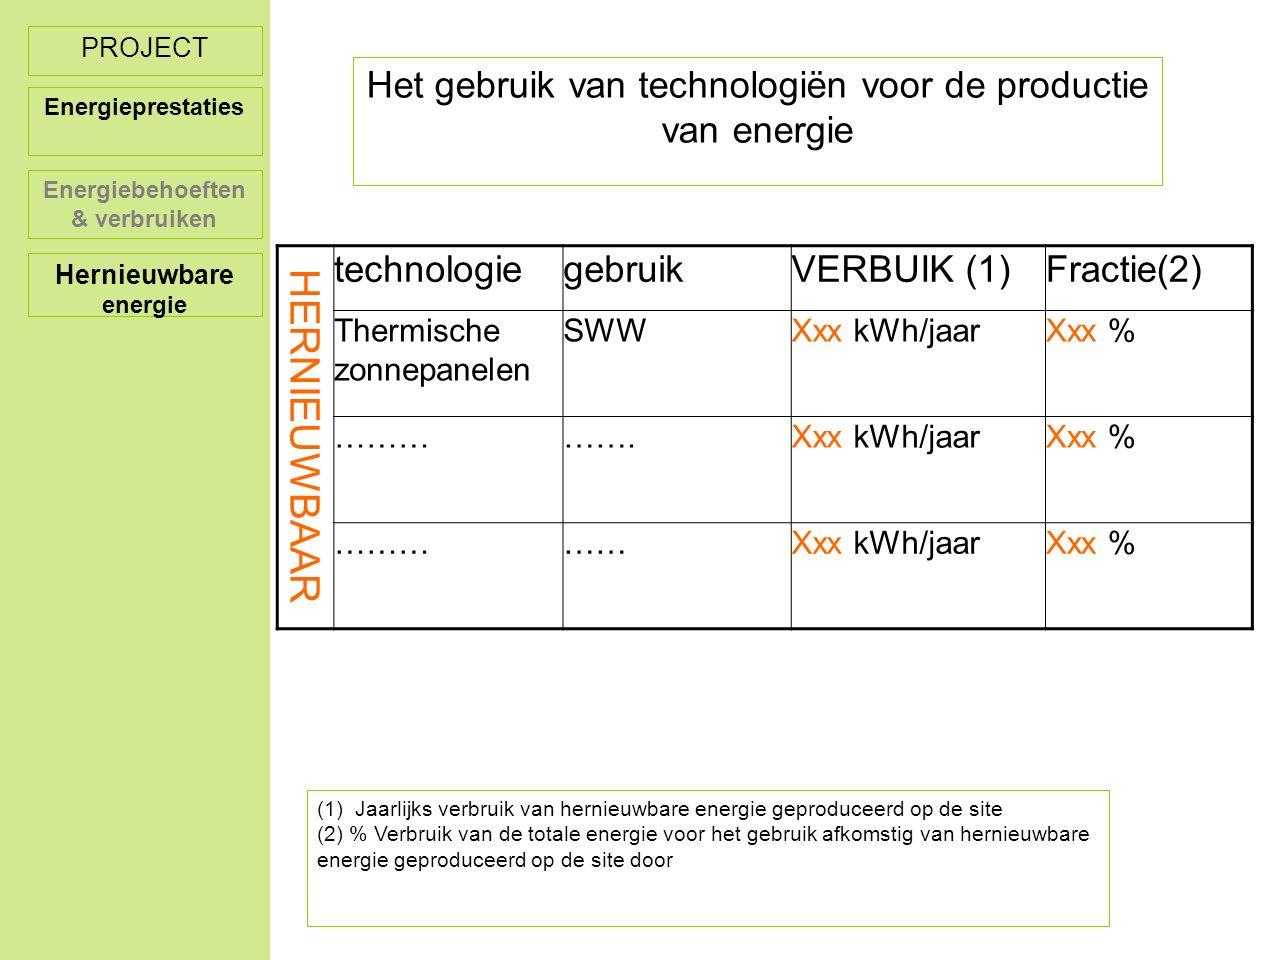 HERNIEUWBAAR technologiegebruikVERBUIK (1)Fractie(2) Thermische zonnepanelen SWWXxx kWh/jaarXxx % …………….Xxx kWh/jaarXxx % ……………Xxx kWh/jaarXxx % Het gebruik van technologiën voor de productie van energie (1) Jaarlijks verbruik van hernieuwbare energie geproduceerd op de site (2) % Verbruik van de totale energie voor het gebruik afkomstig van hernieuwbare energie geproduceerd op de site door PROJECT Energieprestaties Energiebehoeften & verbruiken Hernieuwbare energie